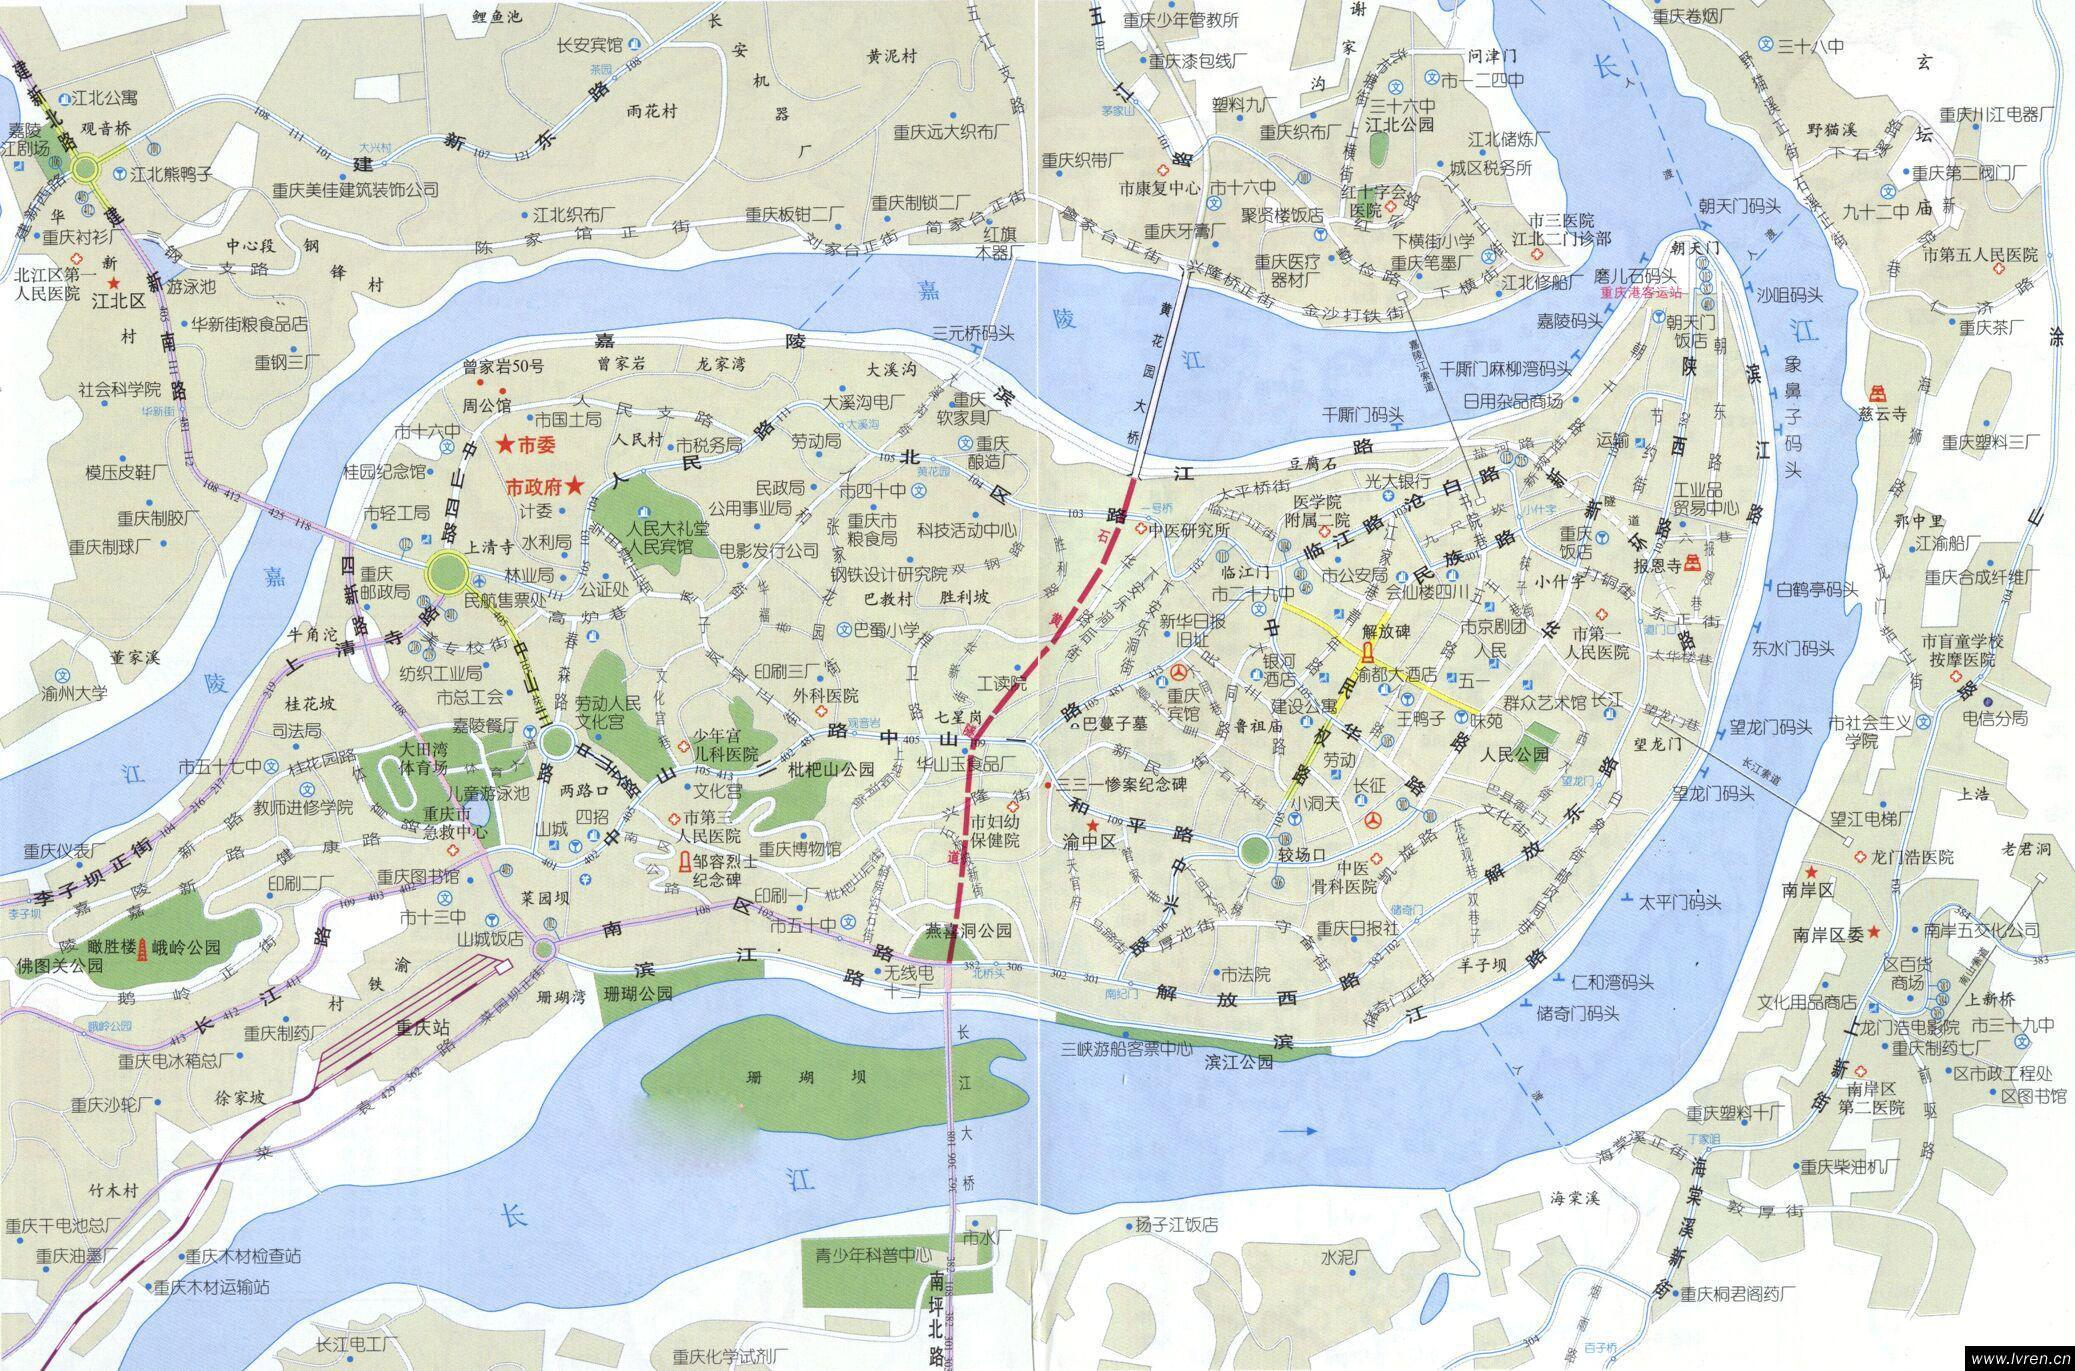 基本农田保护区地图